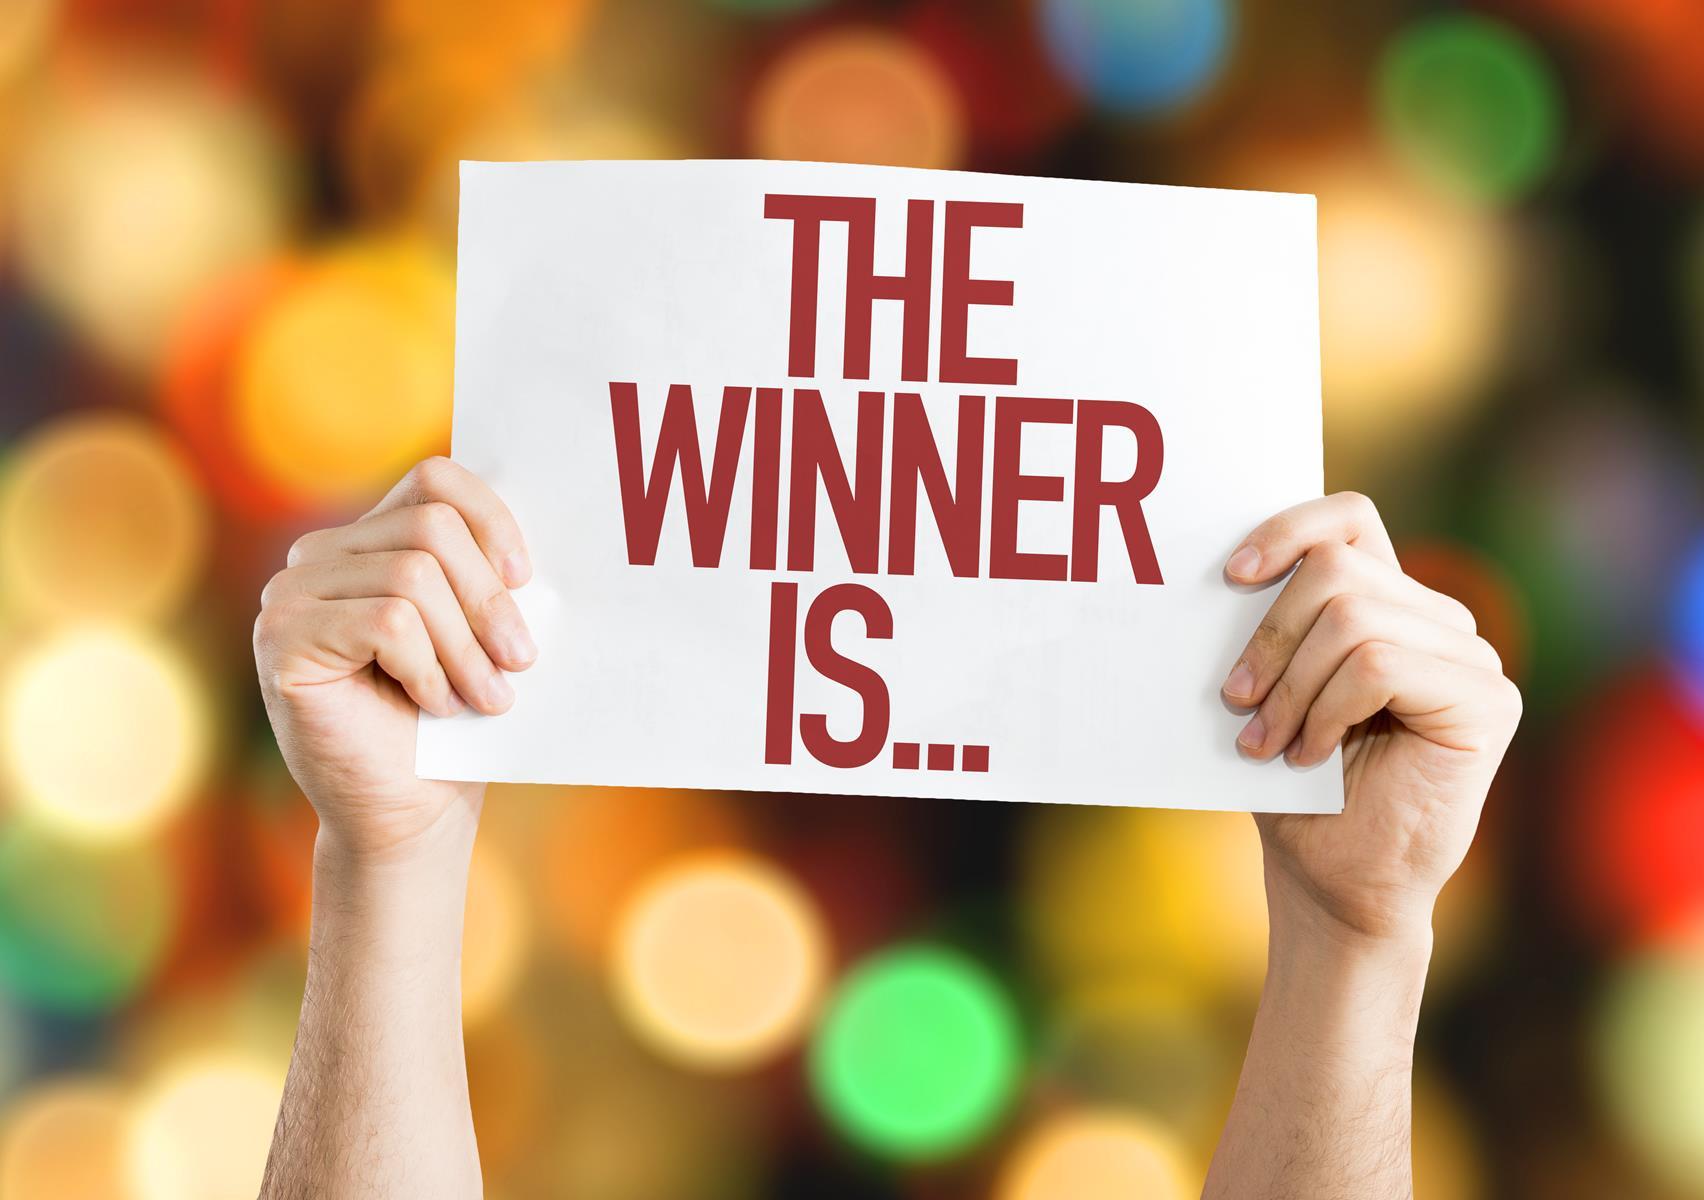 Konkurs a loteria – dowiedz się jakie są między nimi różnice!